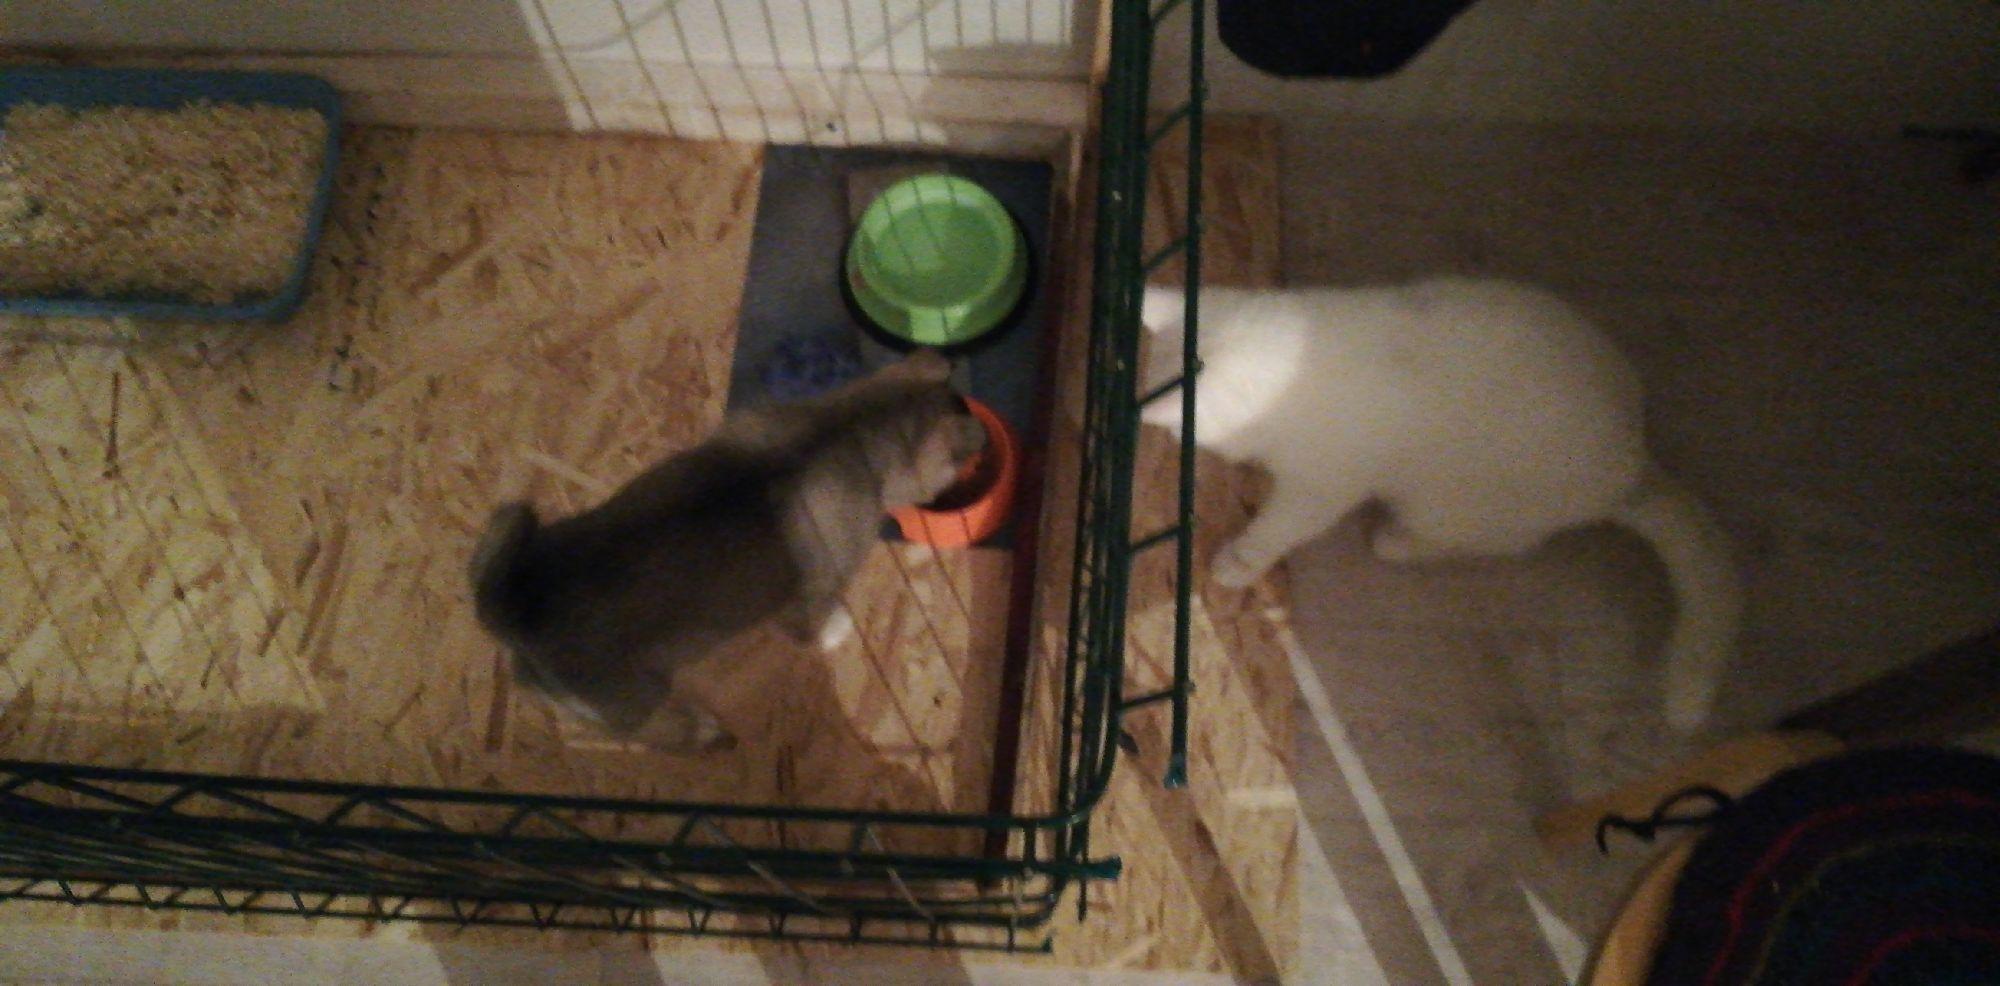 Кот пытается поужинать из собачей миски прямо при ней. Вольер спасает)